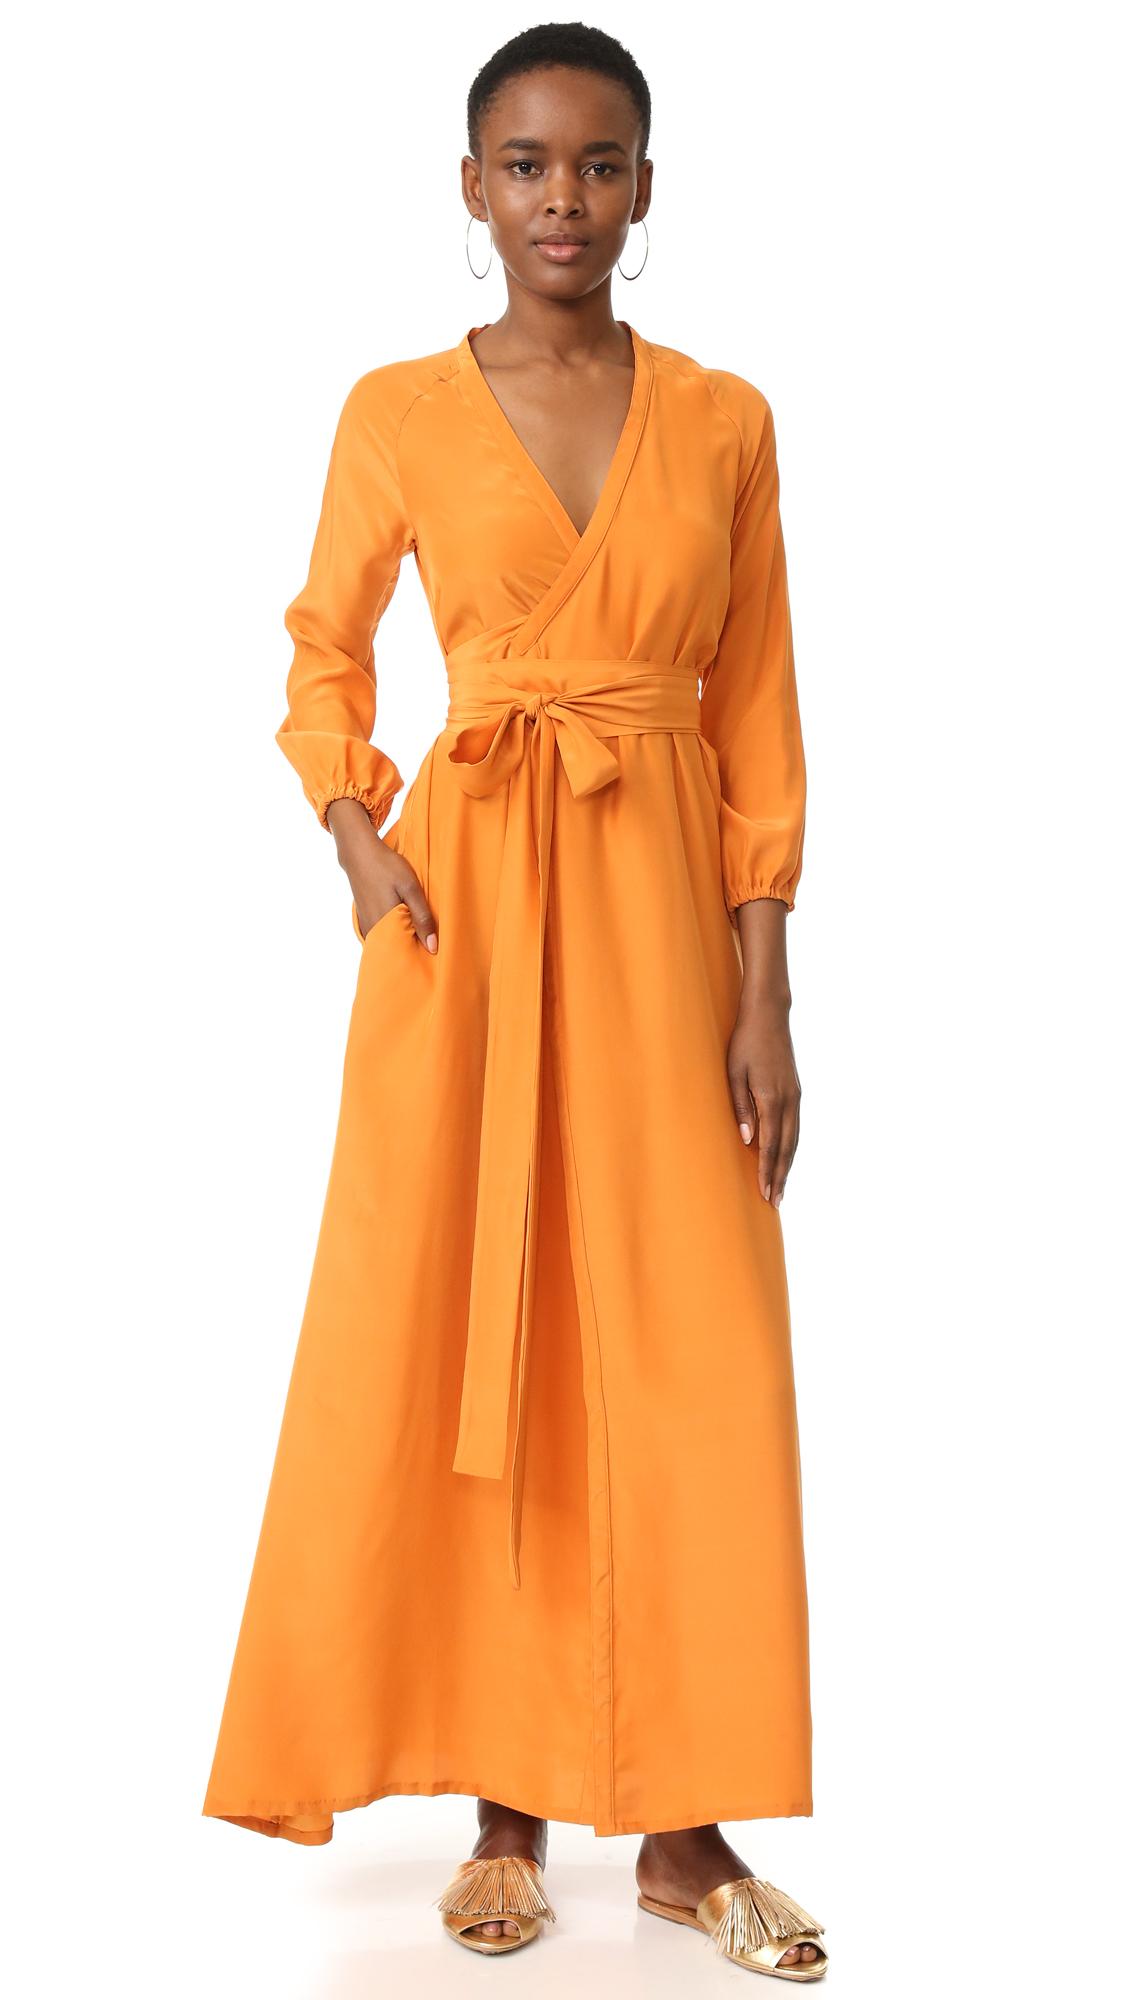 Rhode Resort Jagger Wrap Dress - Amber